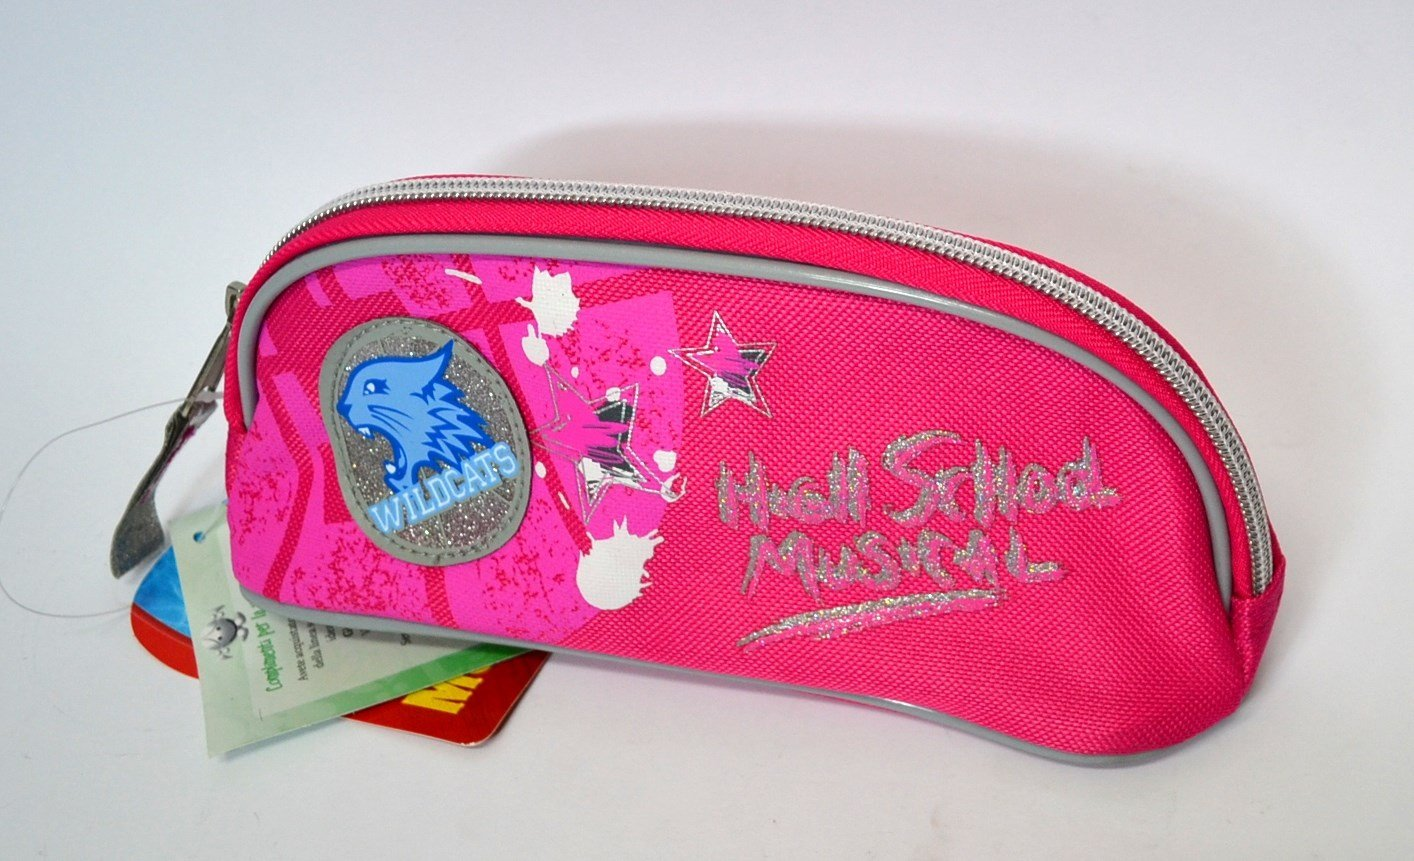 Estuche Disney High School Musical Bolsita Escuela Fantasia Fucsia oferta: Amazon.es: Oficina y papelería